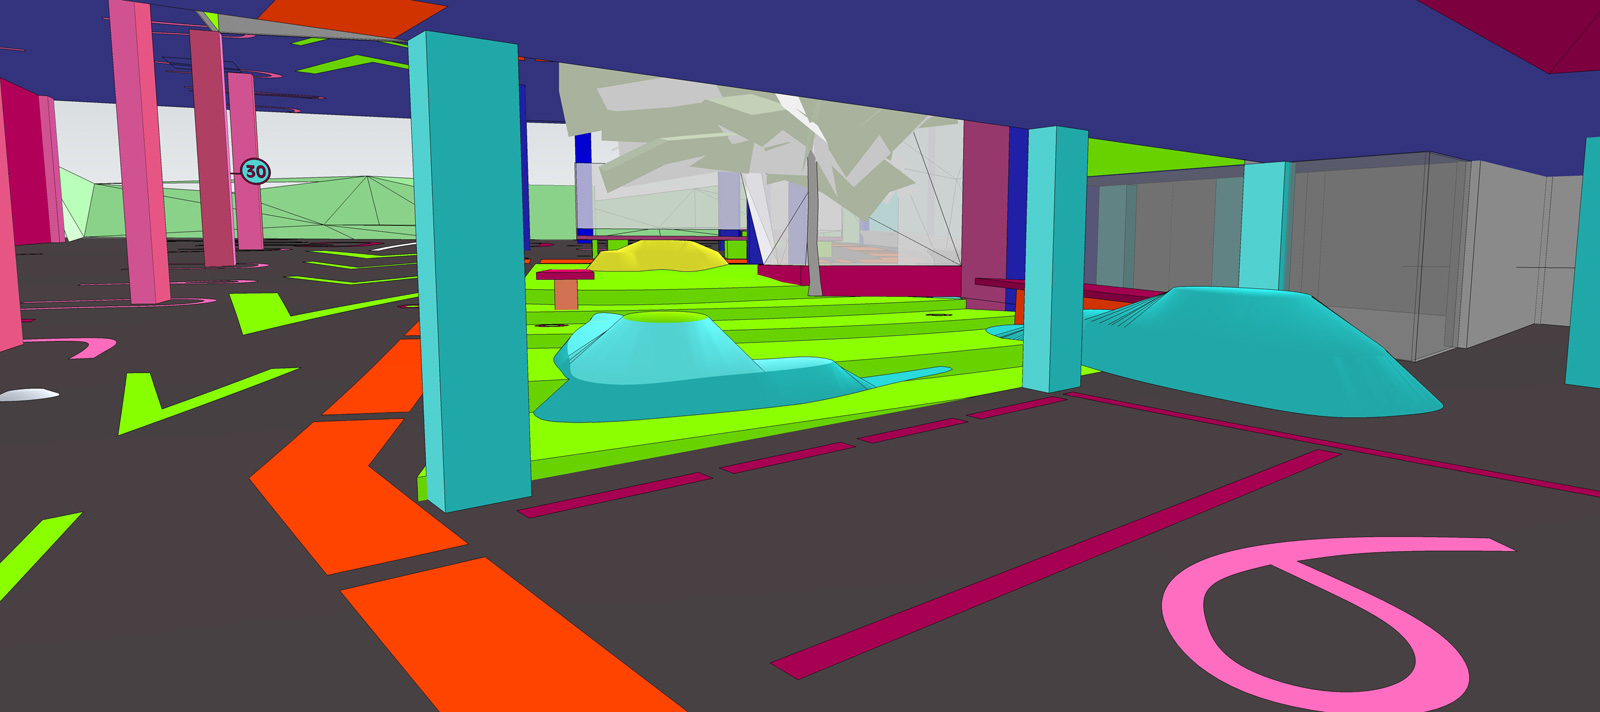 gdc-sk-scene-27---garage-back-entrance